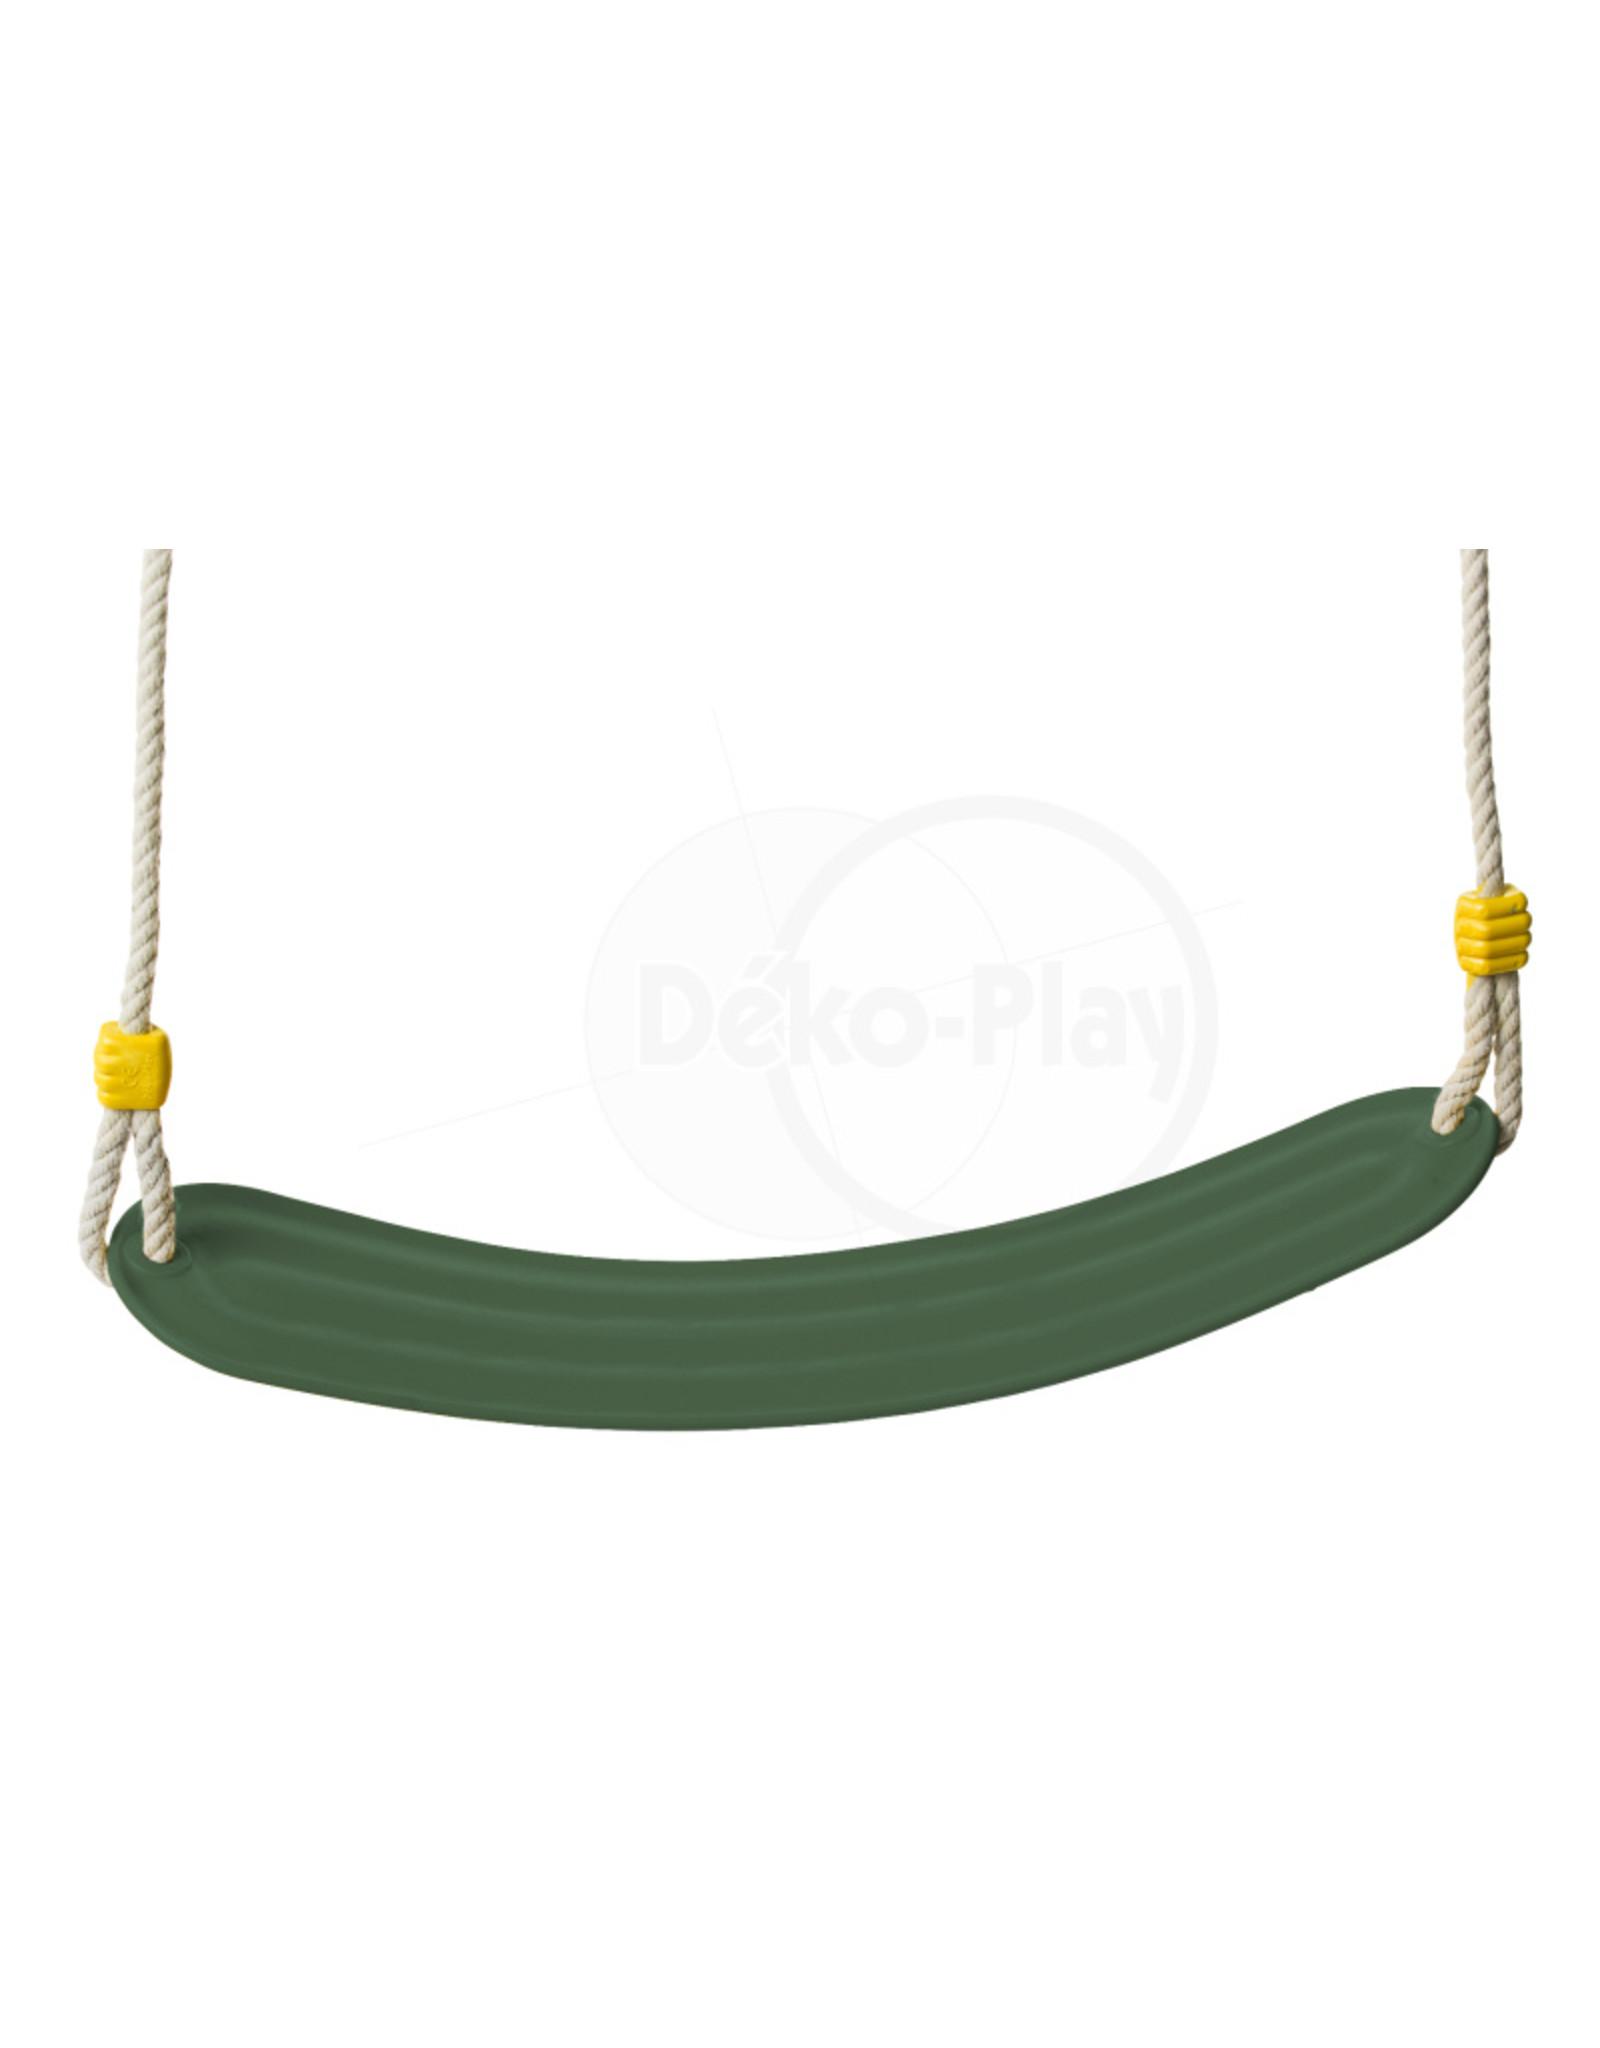 Déko-Play Déko-Play schommelzitje flexibel kunststof groen